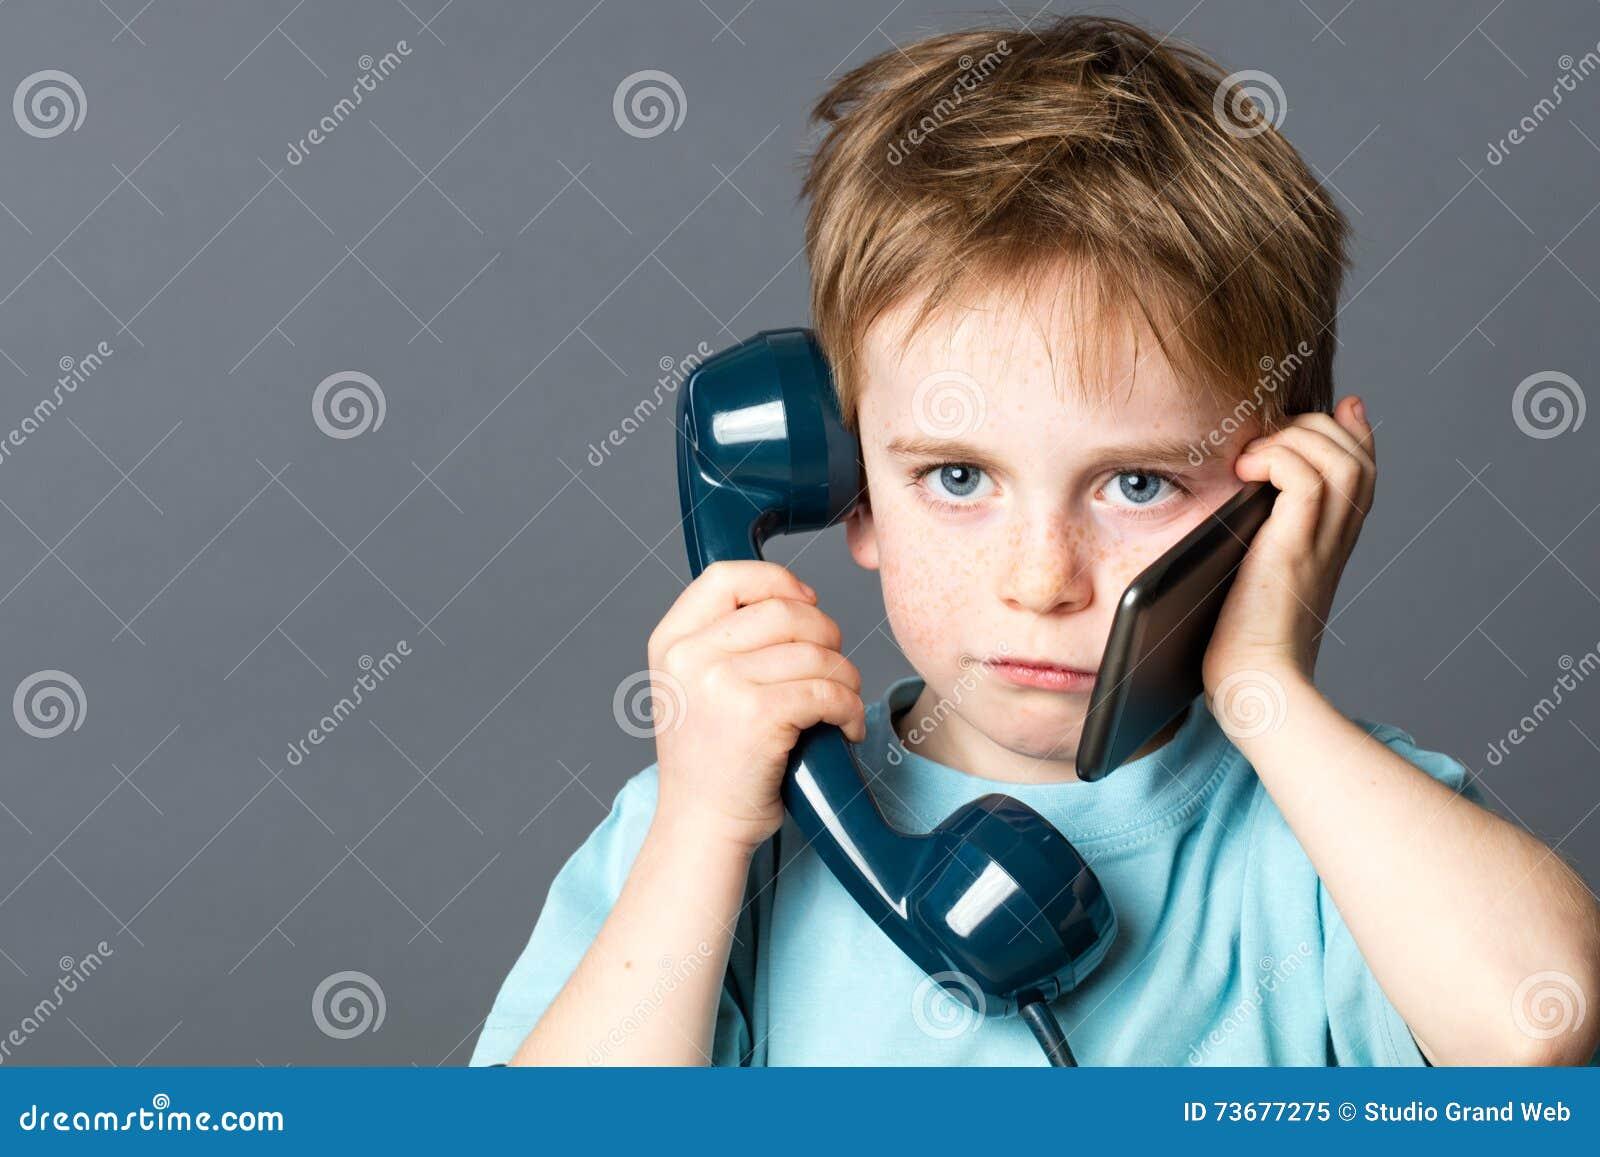 Ragazzino sovraccarico che comunica sia sui nuovi che vecchi telefoni